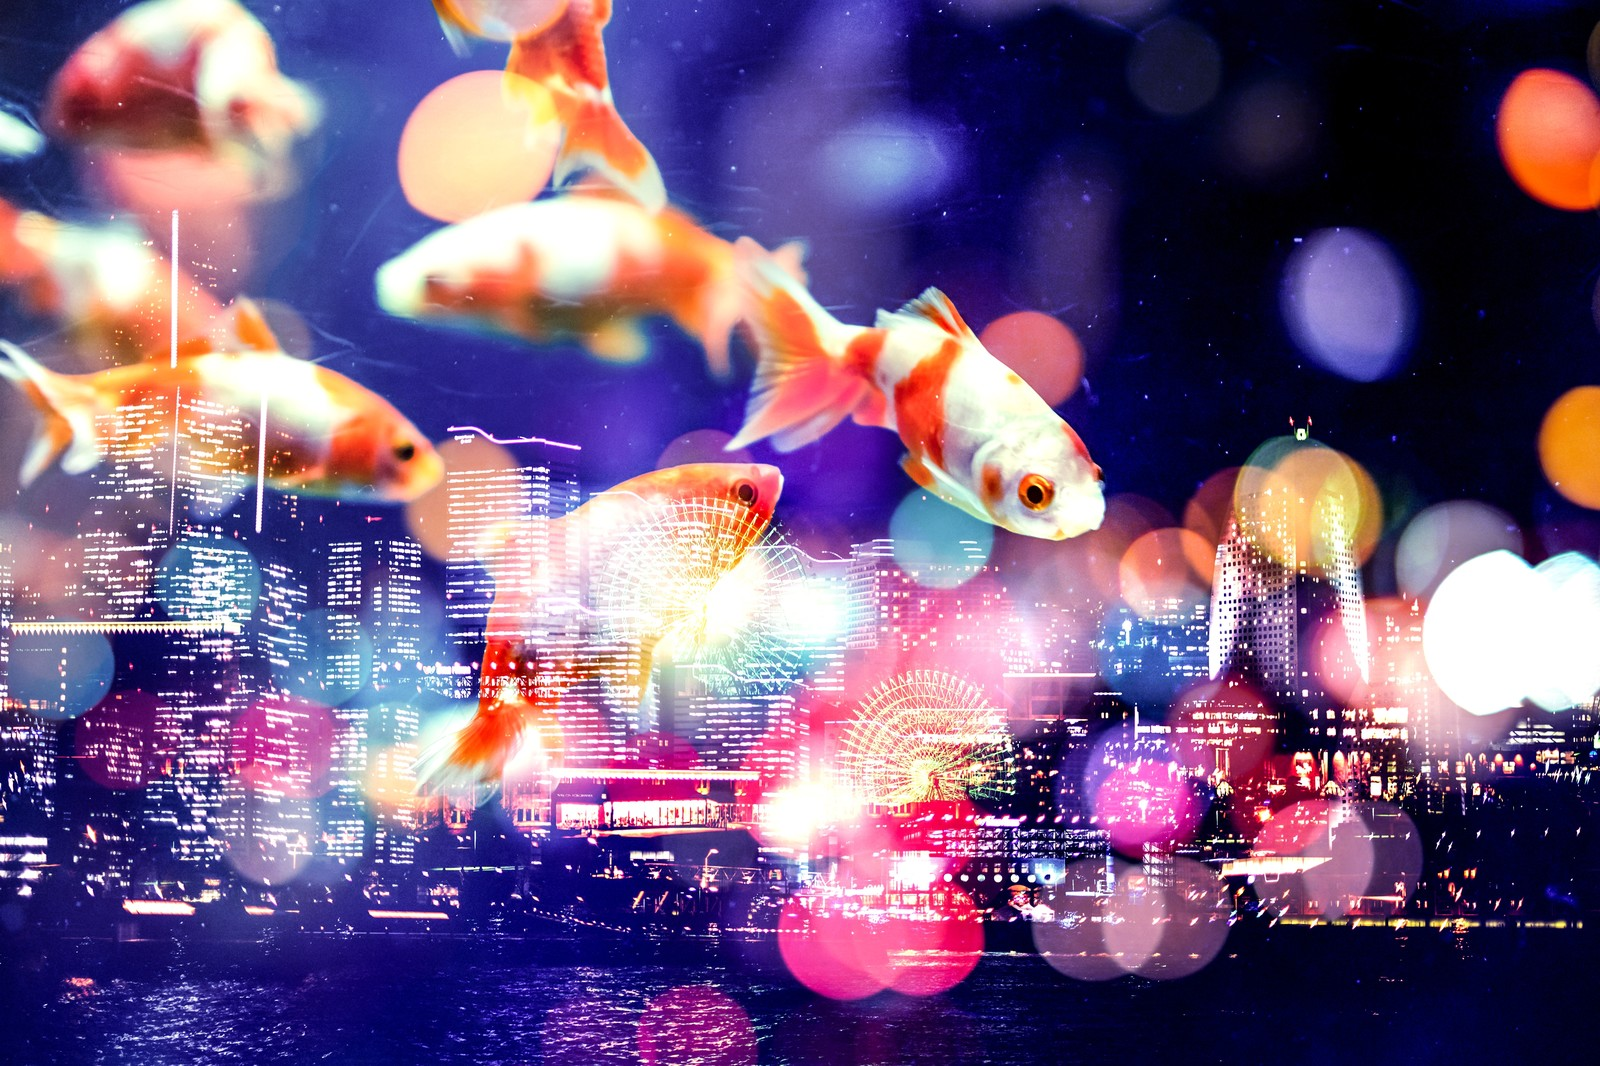 夜空を優雅に泳ぐ金魚(フォトモンタージュ)のフリー素材